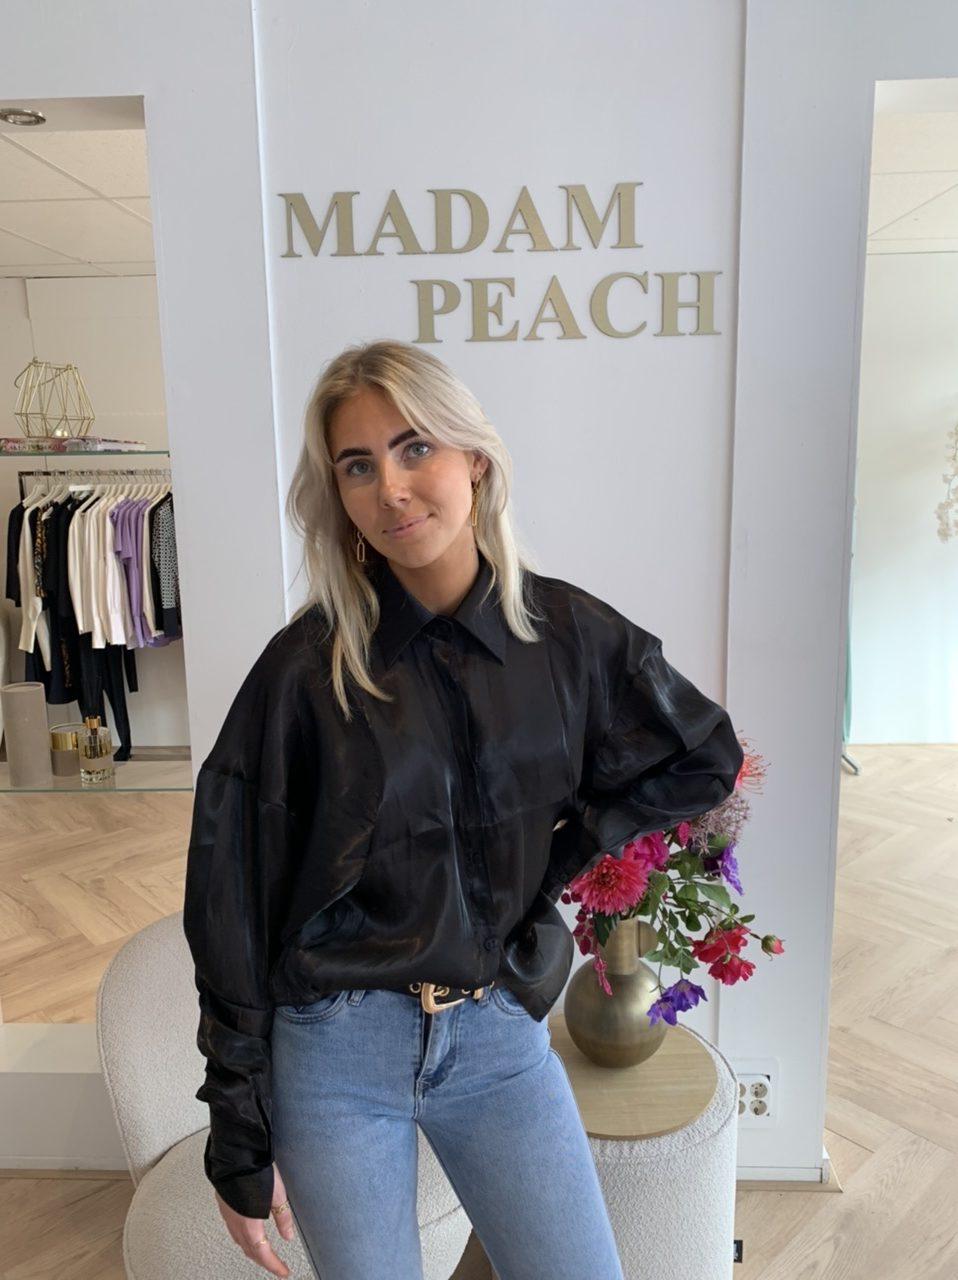 Madam Peach Marit Blous e